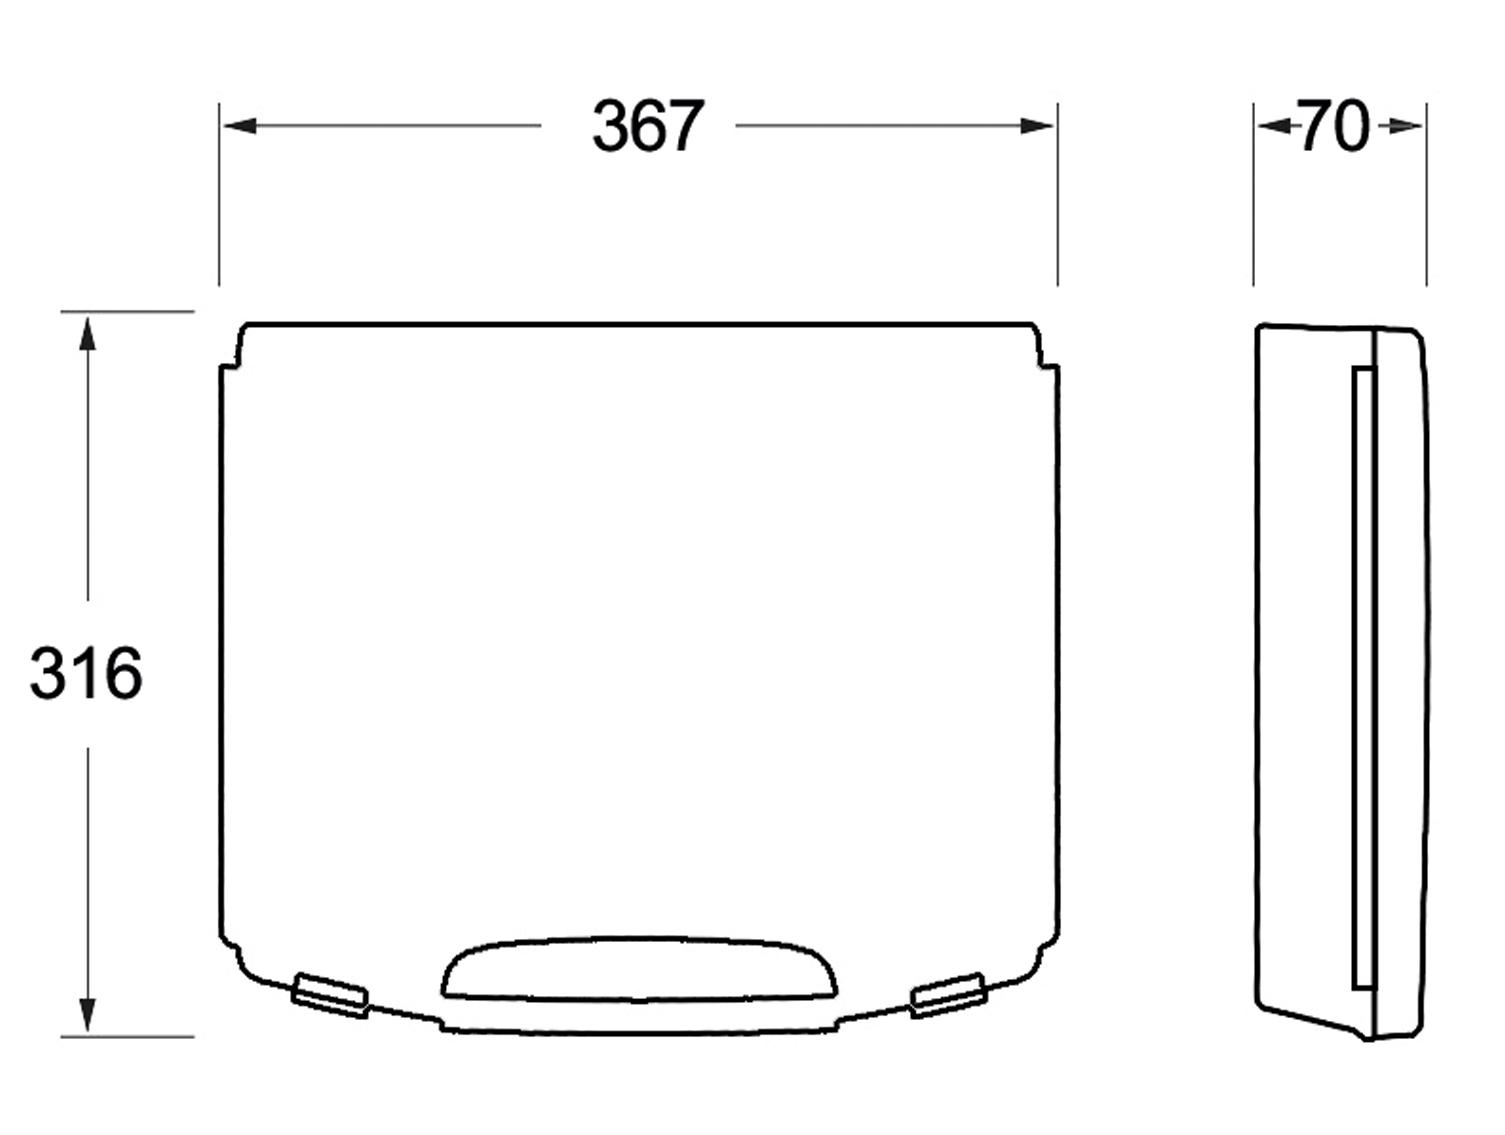 Außenmaße (B x T x H): 367 x 316 x 72 mm.